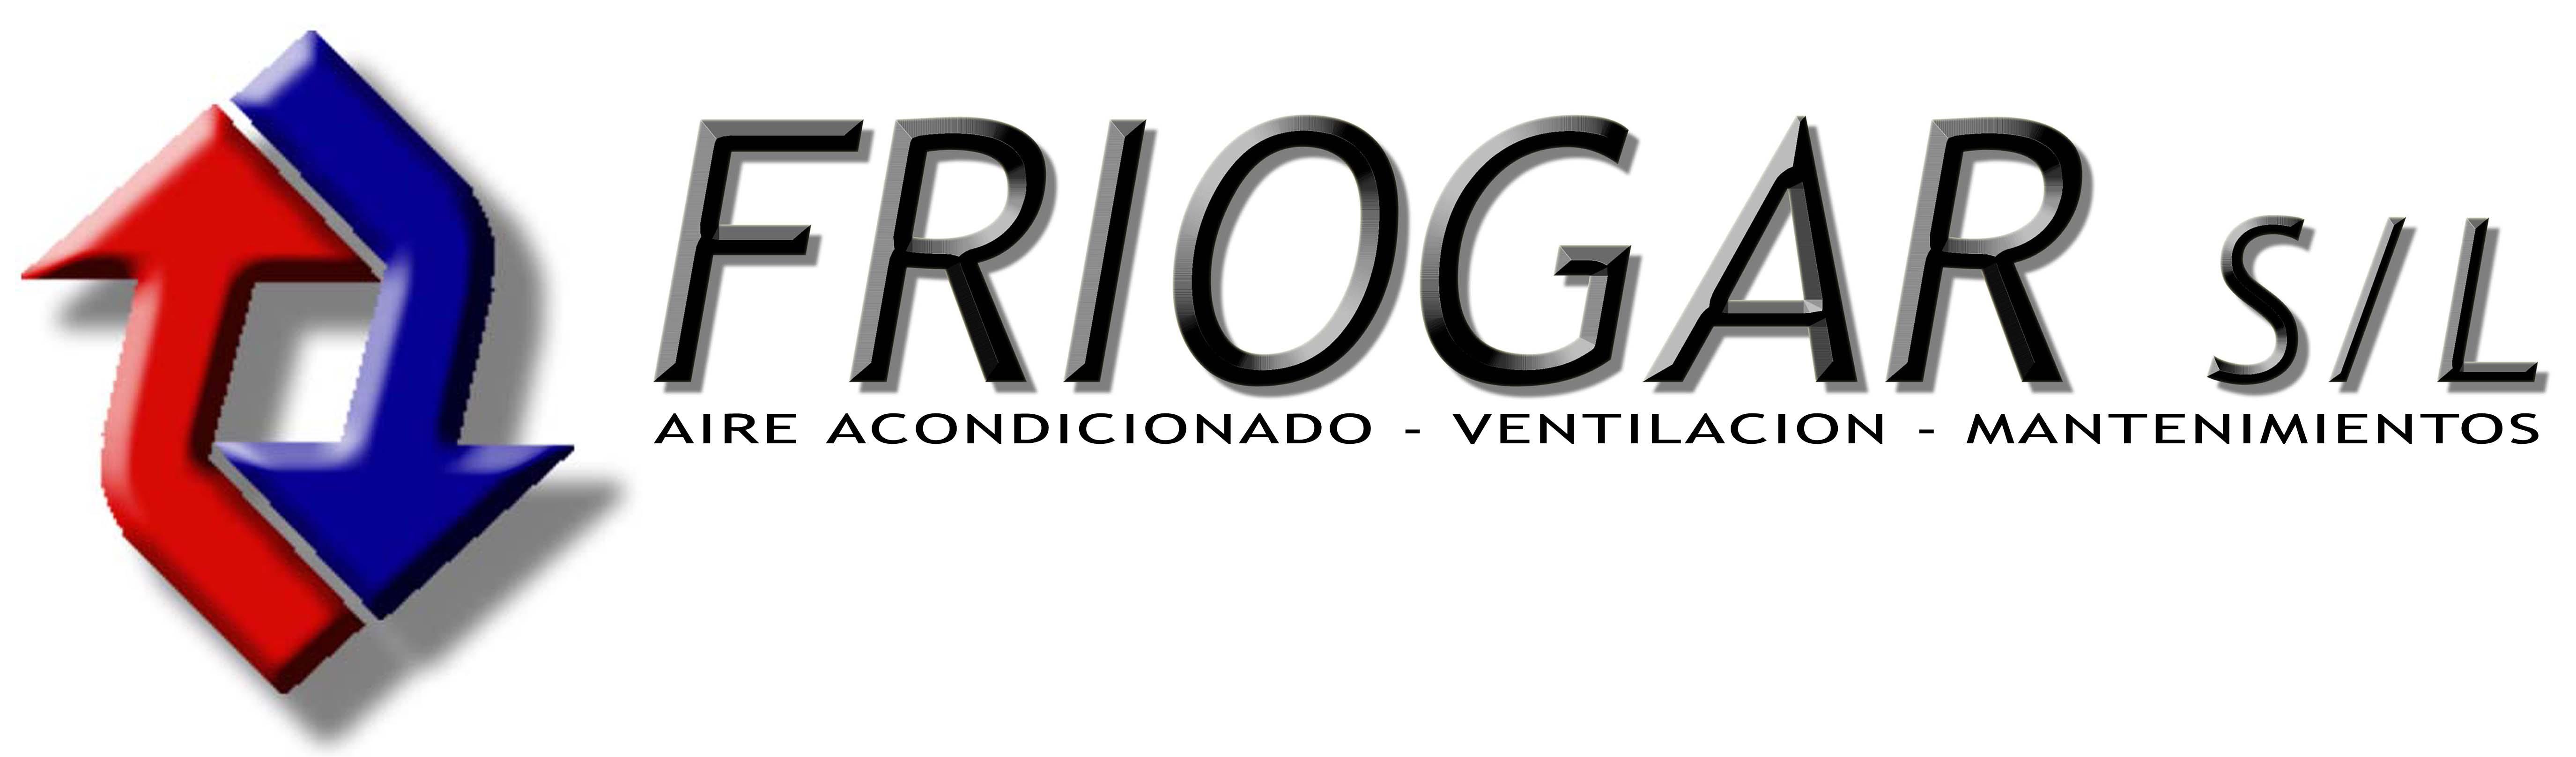 Friogar